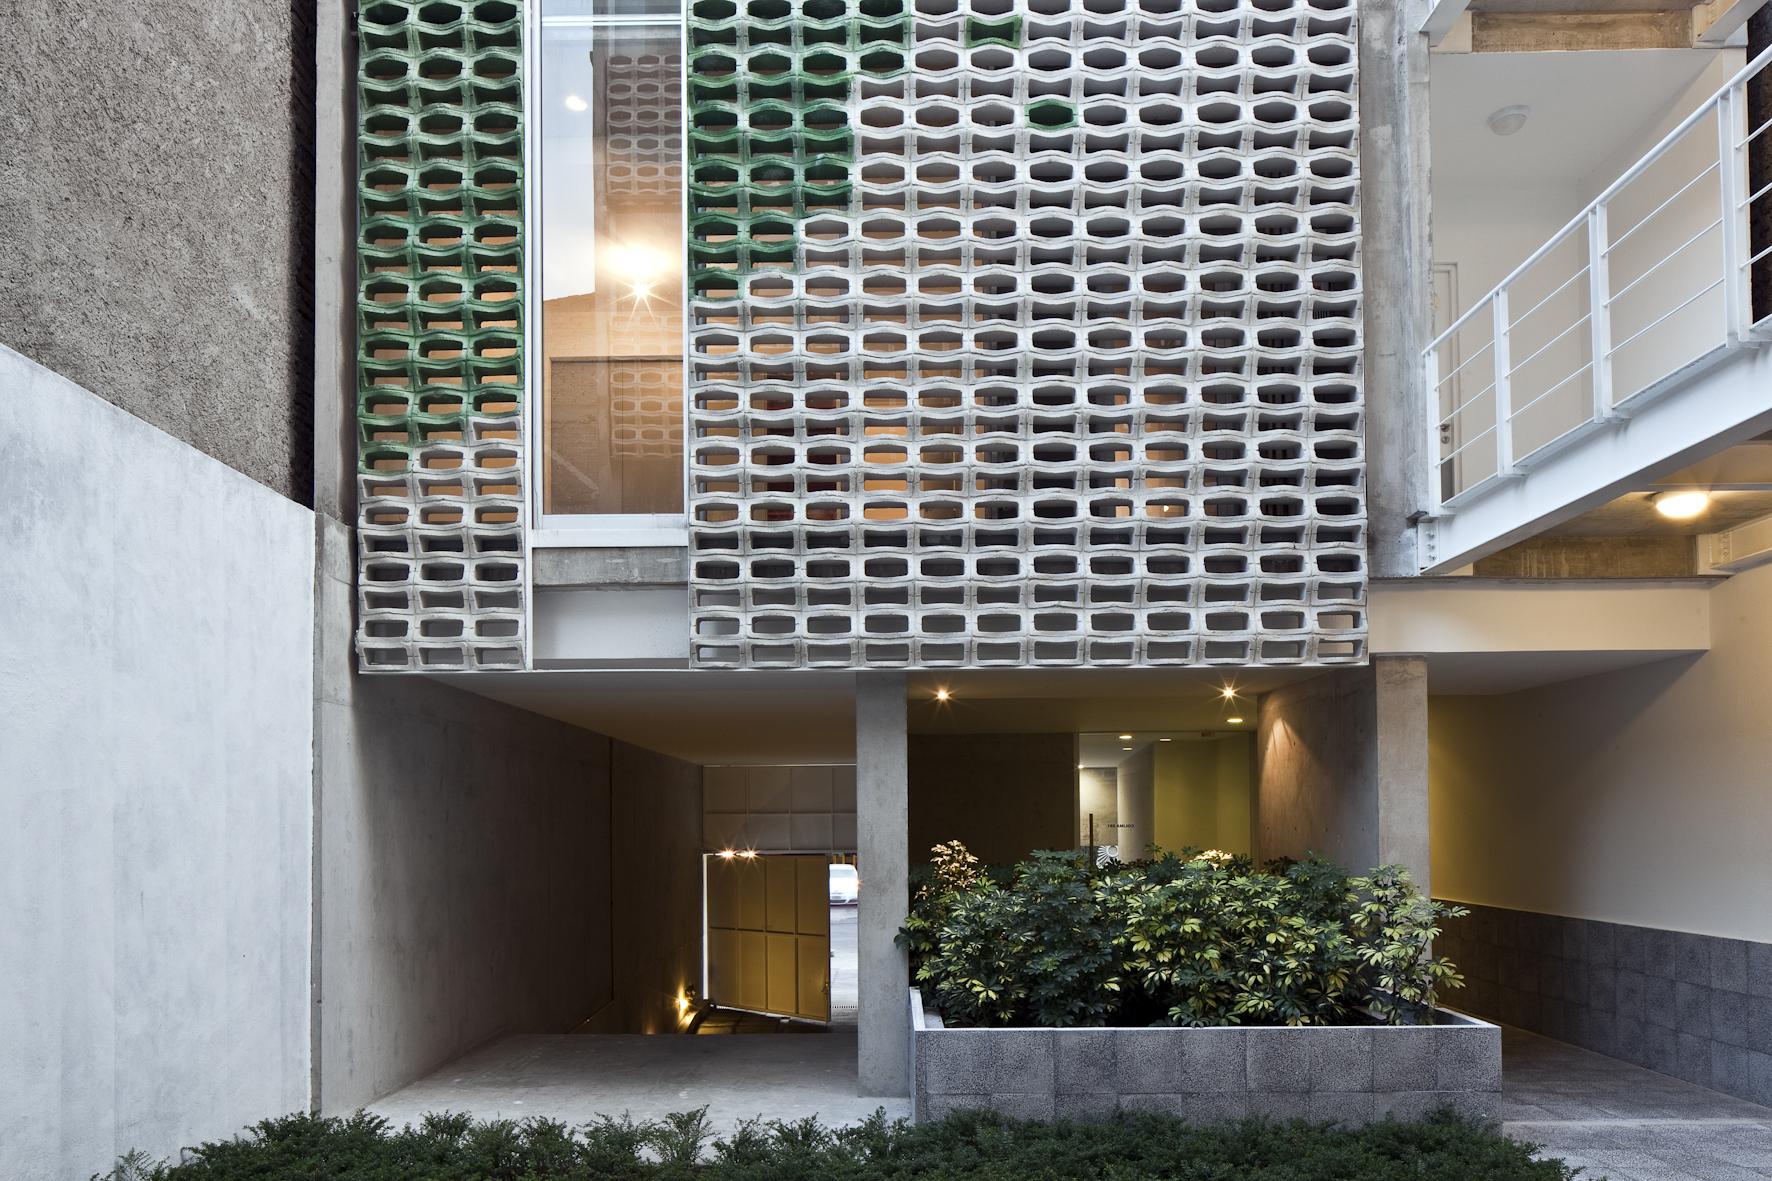 Colima 251 / TAE Arquitectos